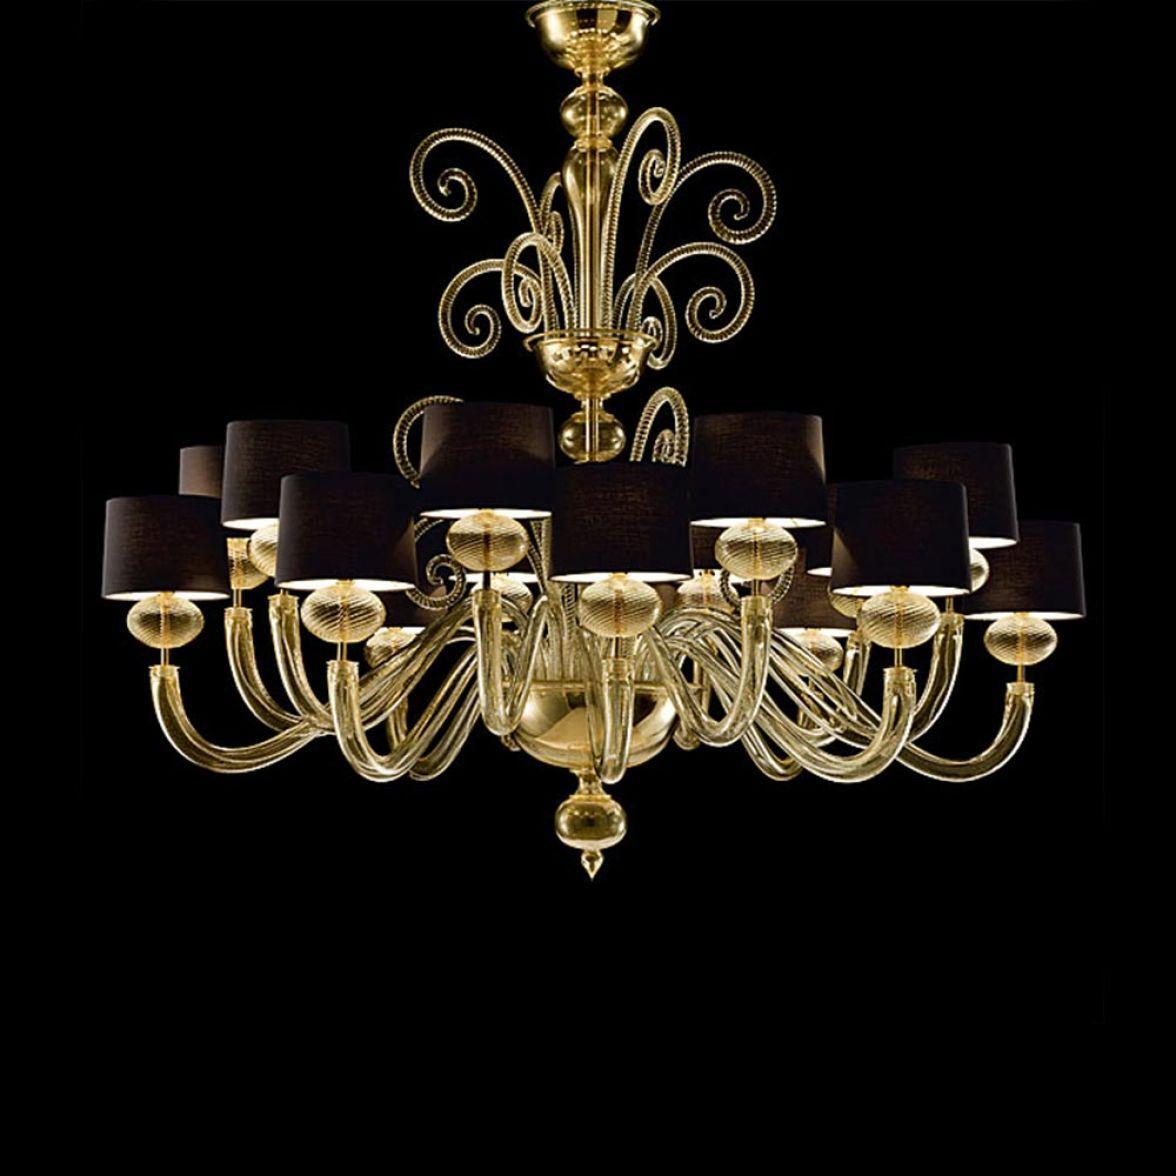 Tangeri chandelier фото цена